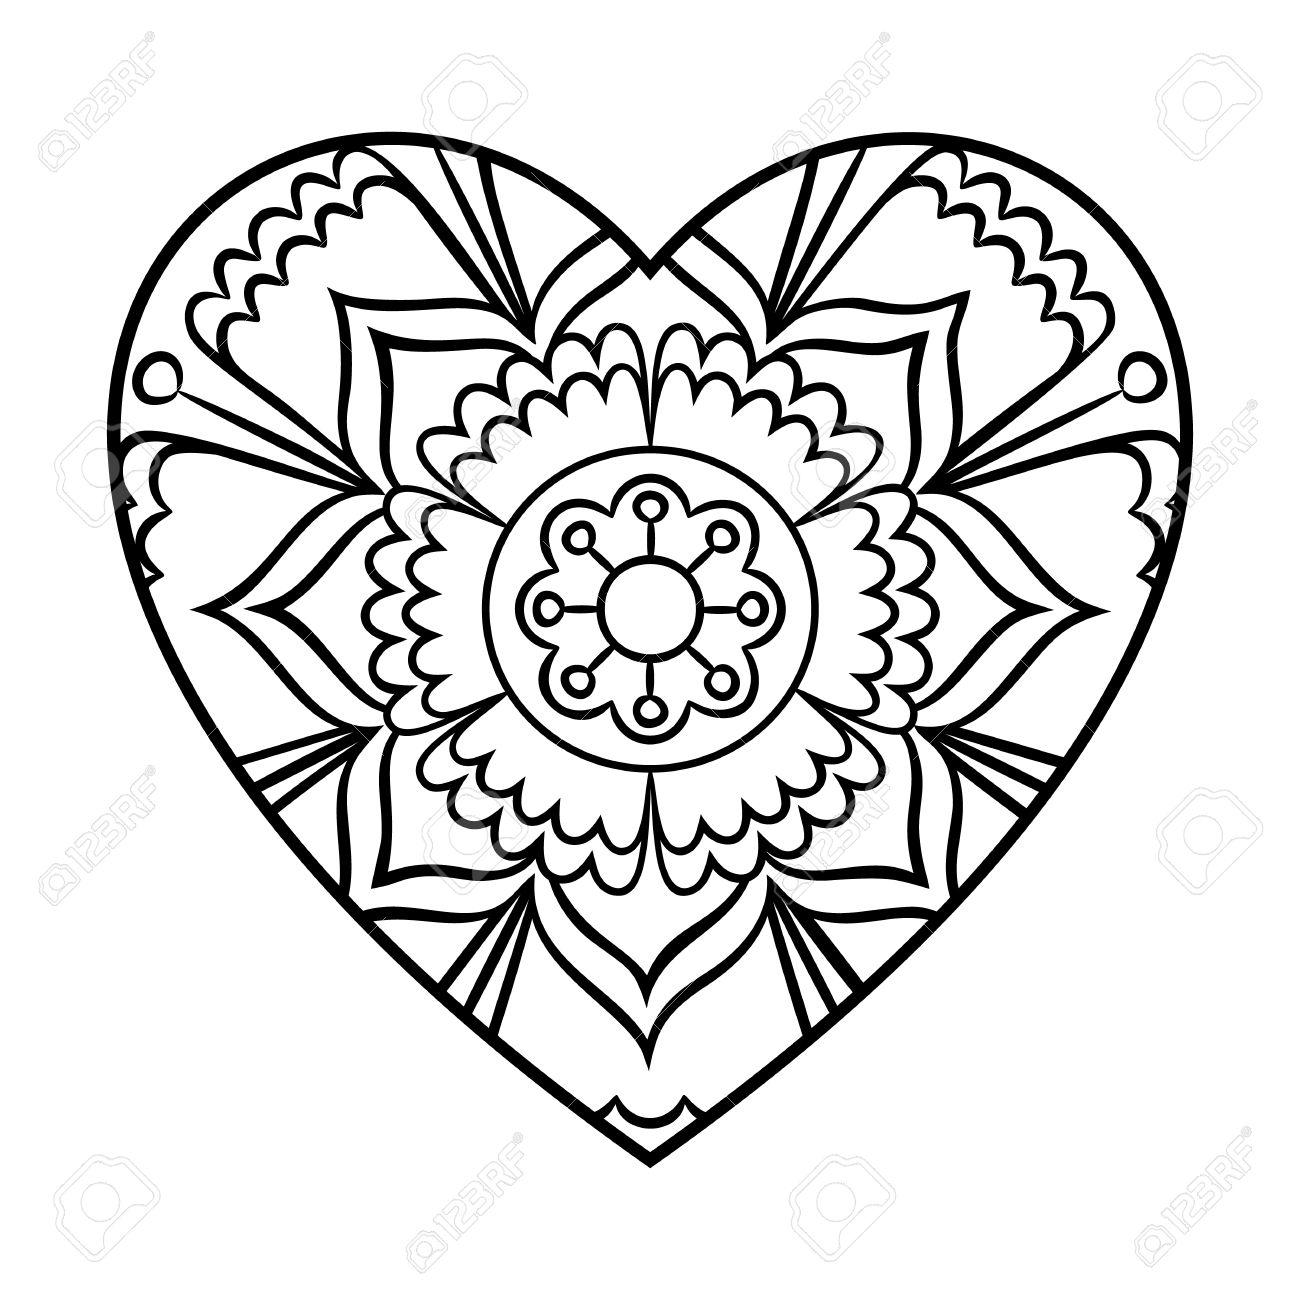 Kleurplaten Hartjes Mandala.Kleurplaten Van Mandala Krijg Duizenden Kleurenfoto S Van De Beste